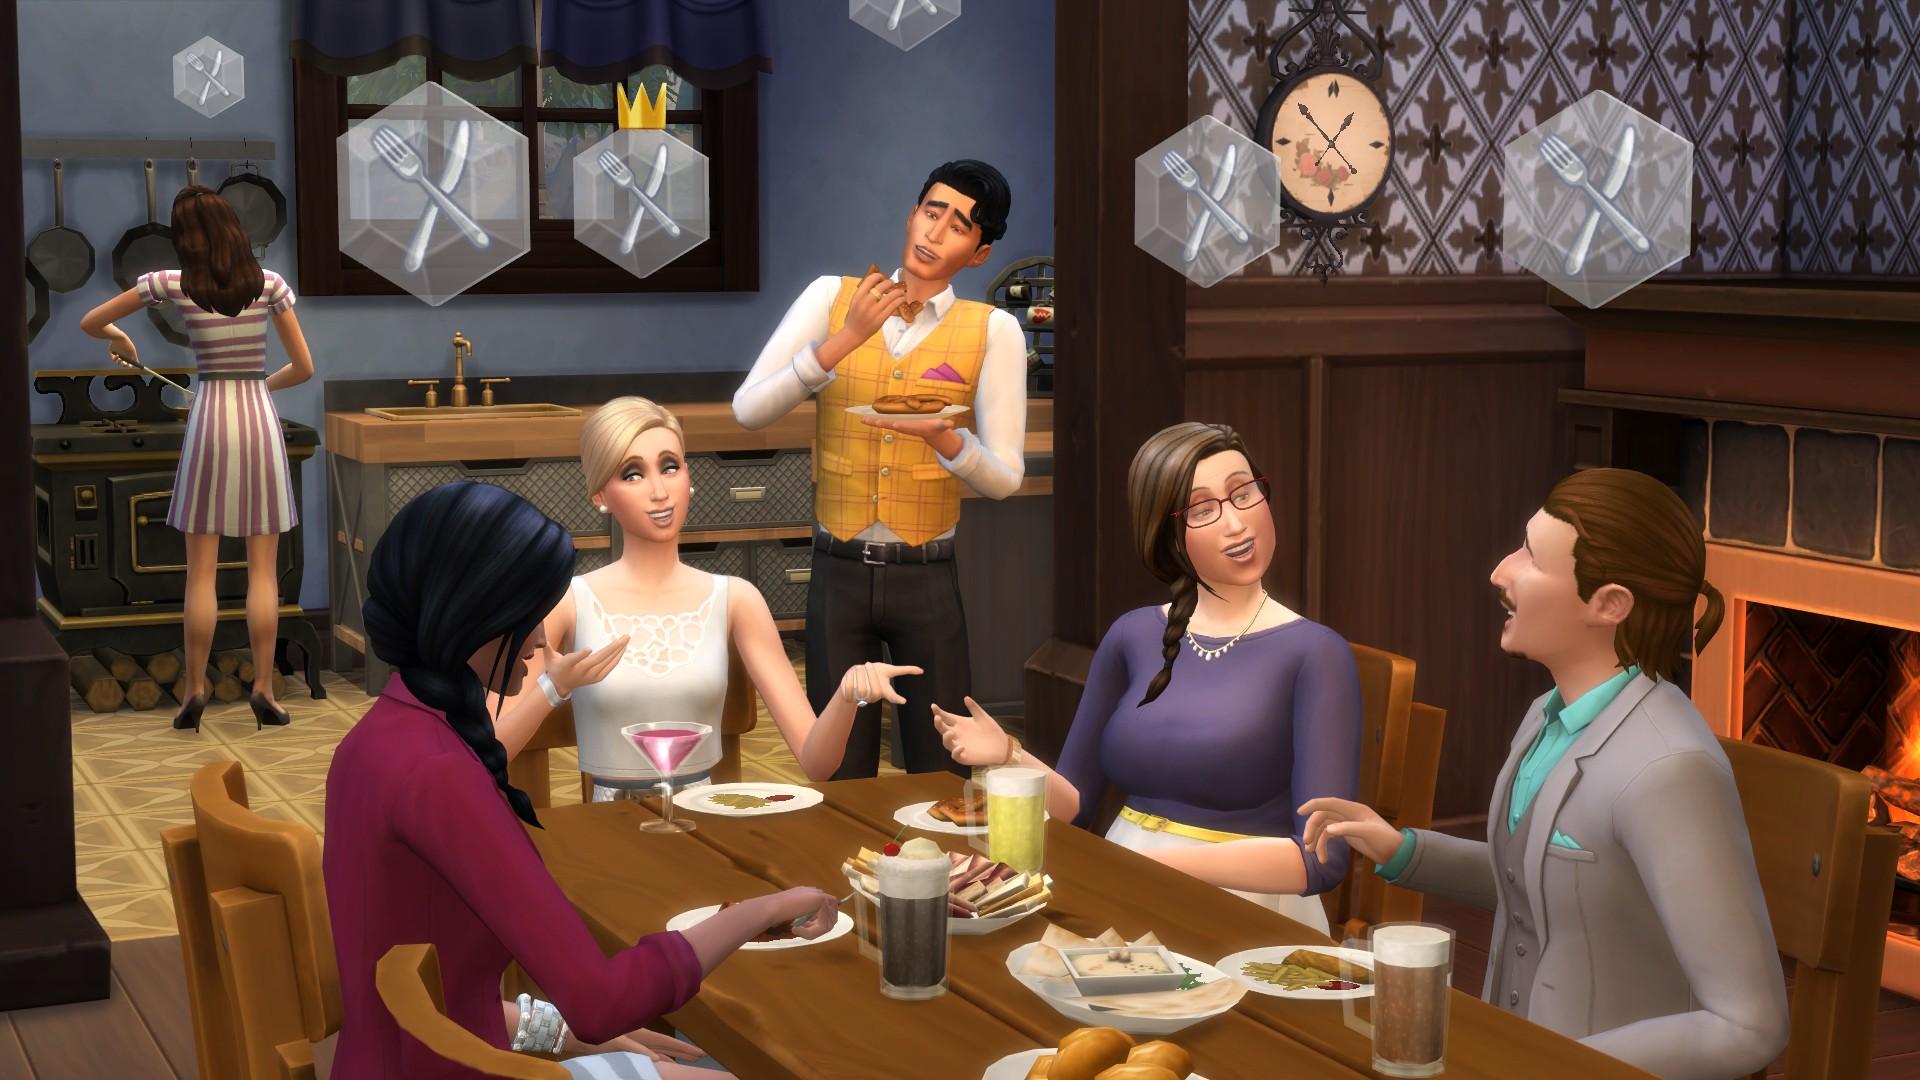 Получите бесплатно The Sims 4